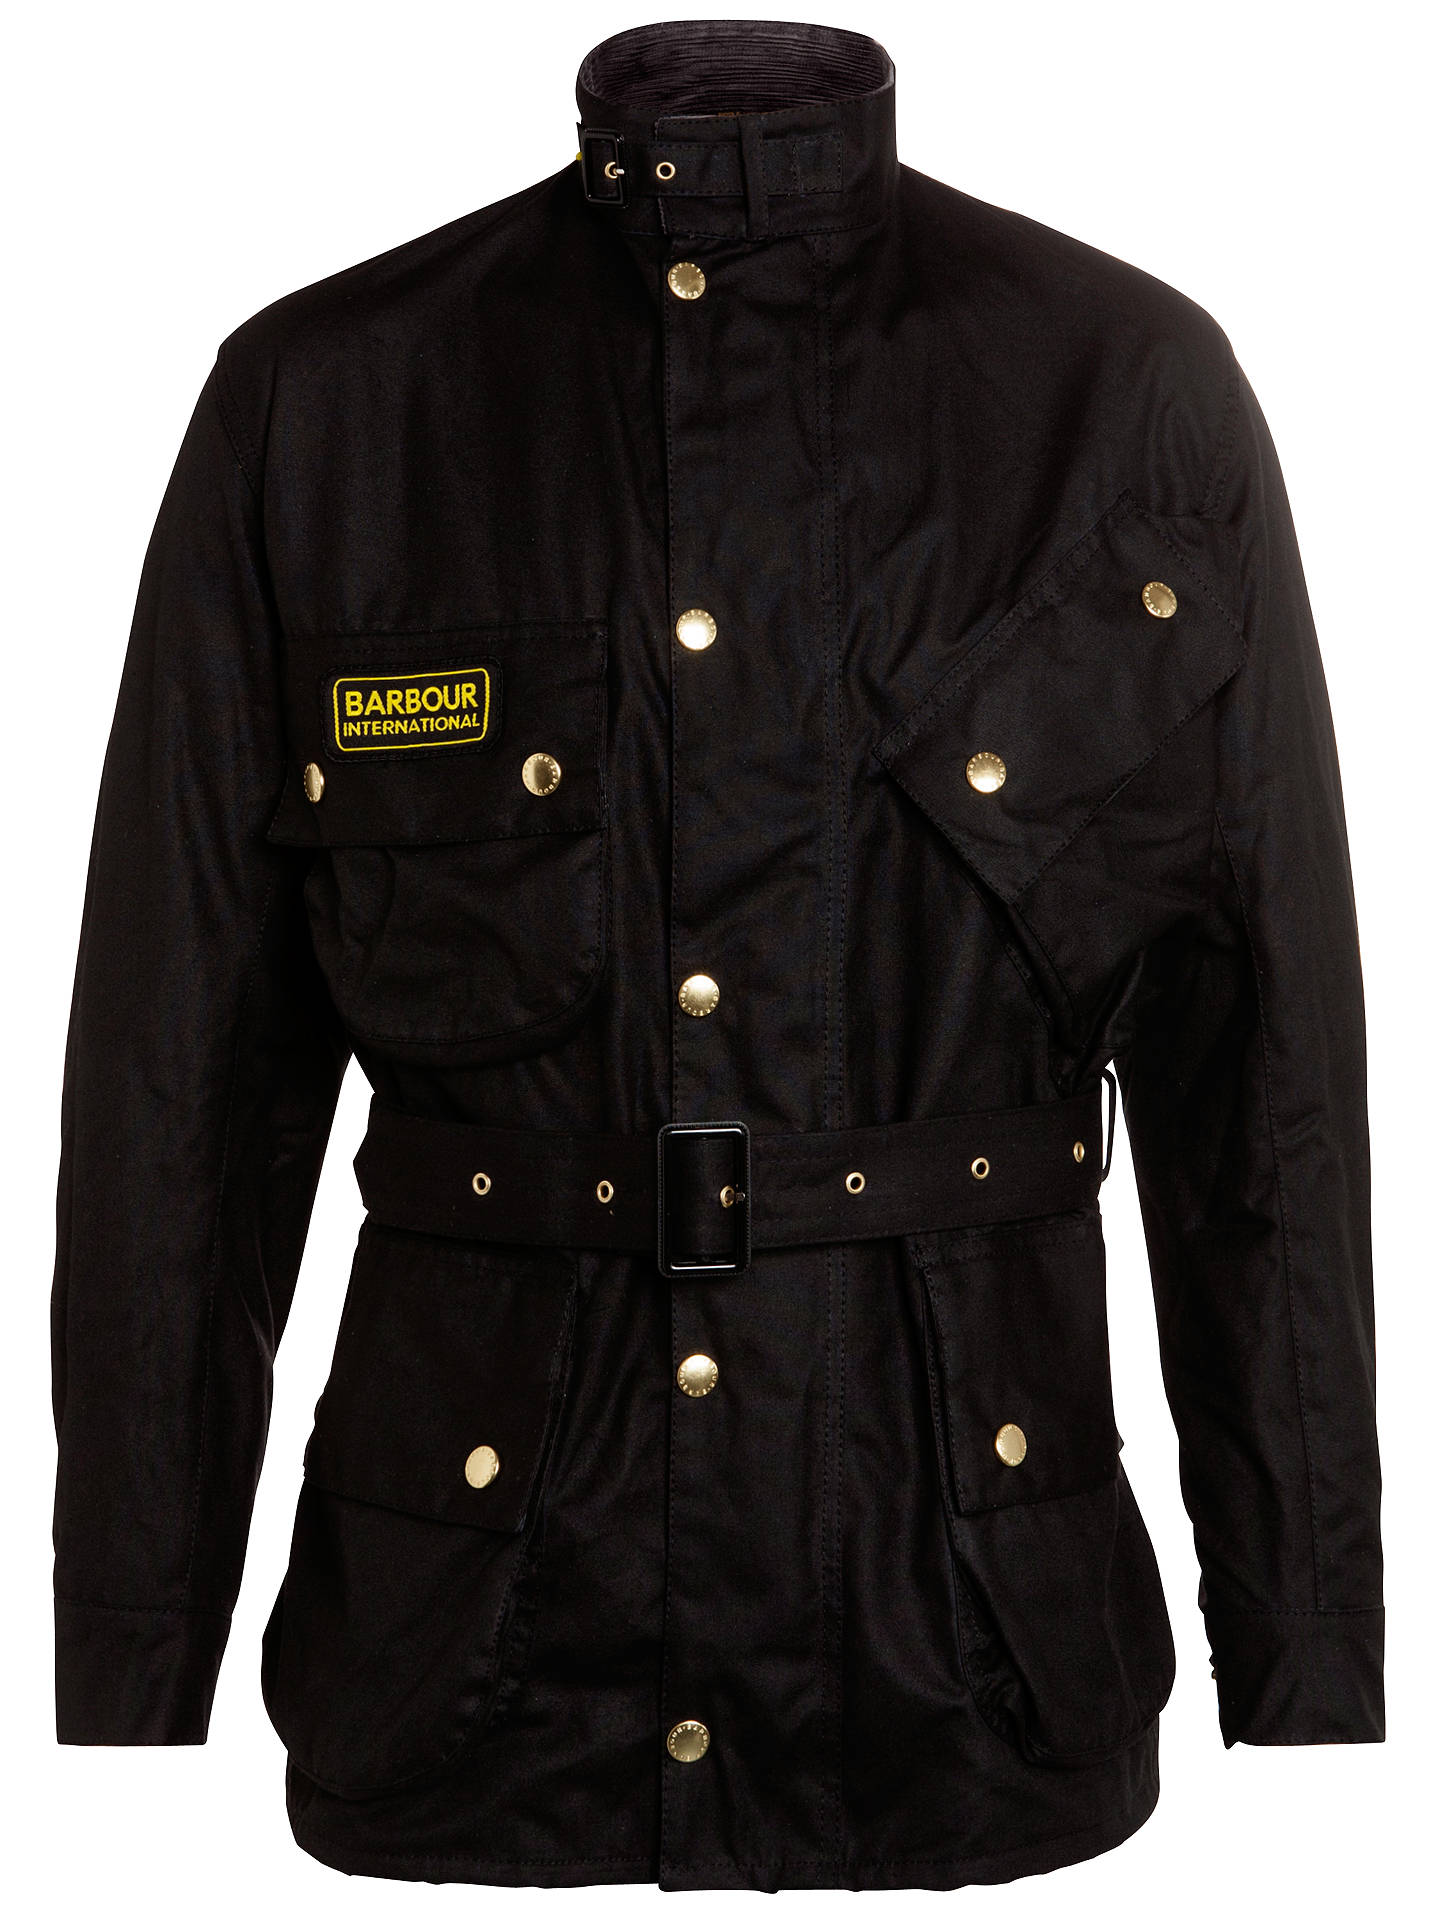 2b8f4b30828b Barbour International Wax Jacket